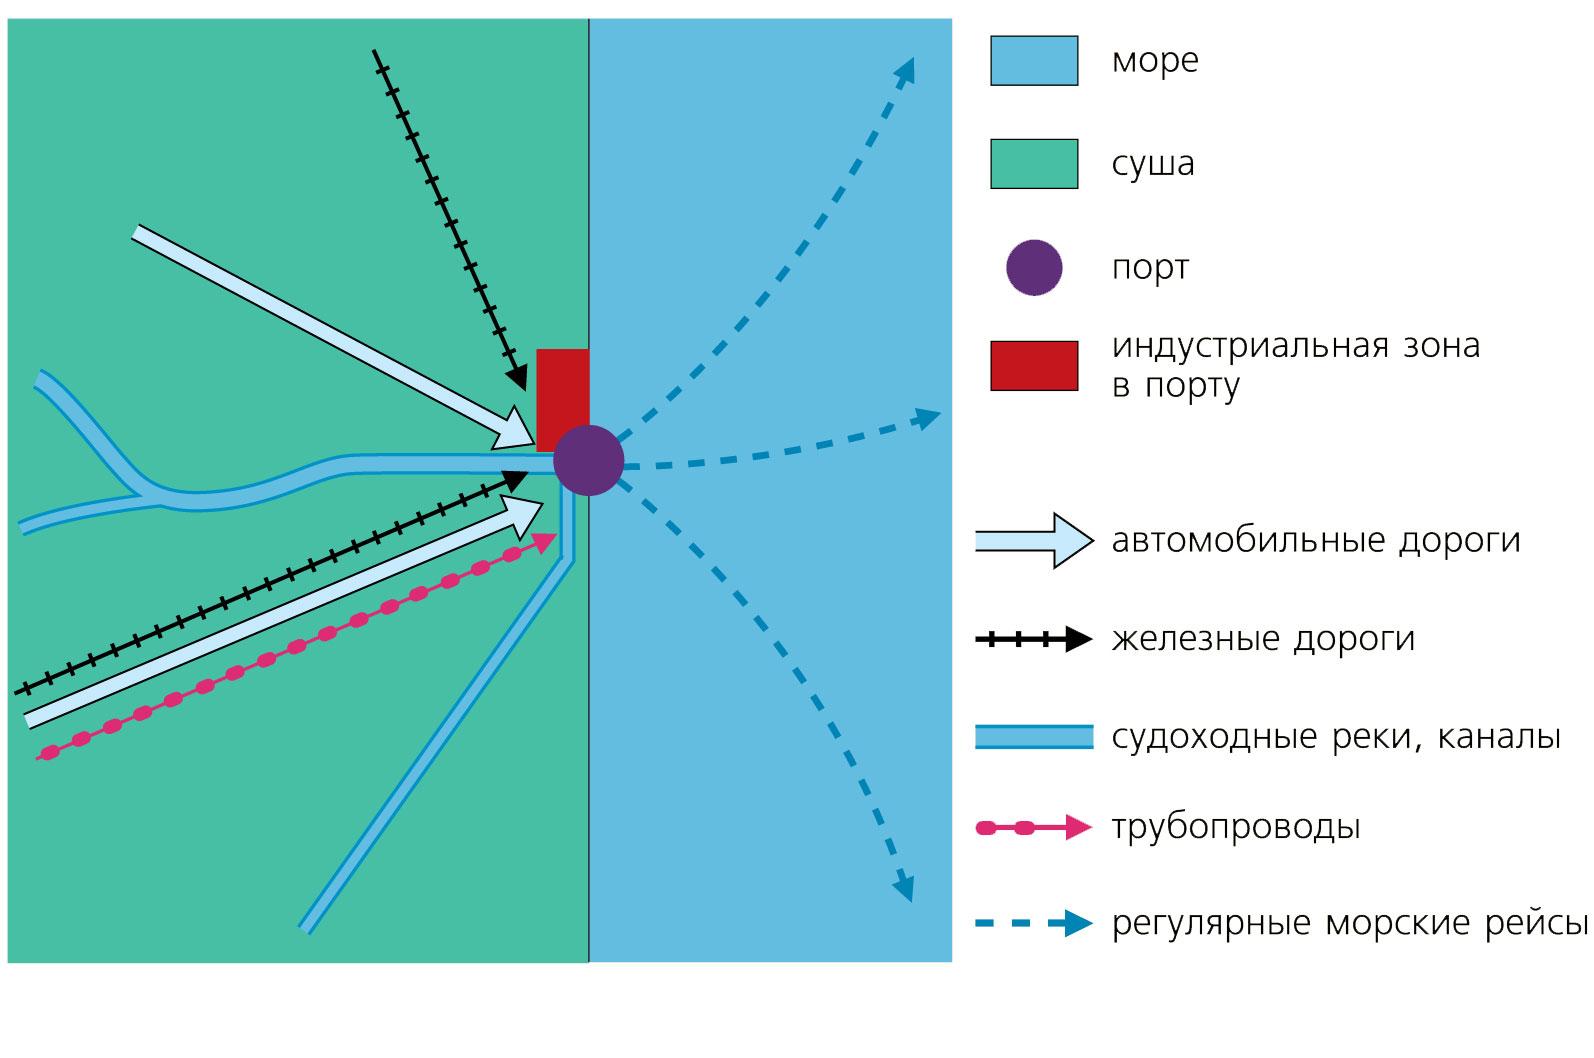 Транспортная система — википедия. что такое транспортная система